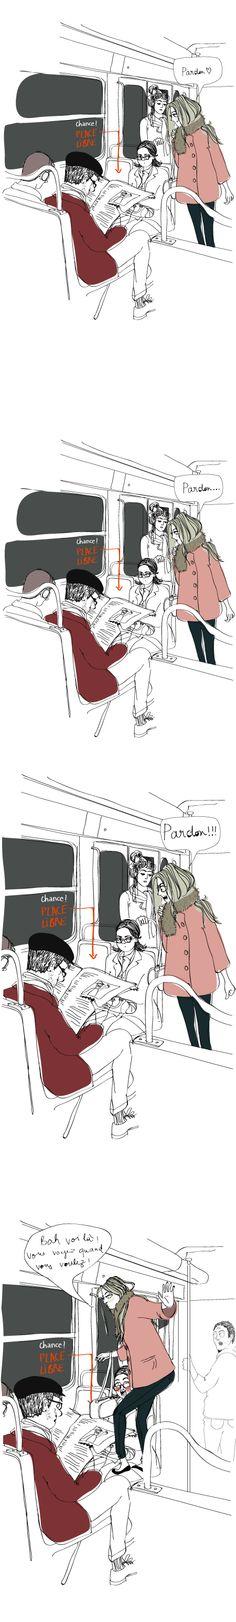 Si seulement... dans le metro, les gens etaient courtois... ou pas ;) (C) Sophie DLR